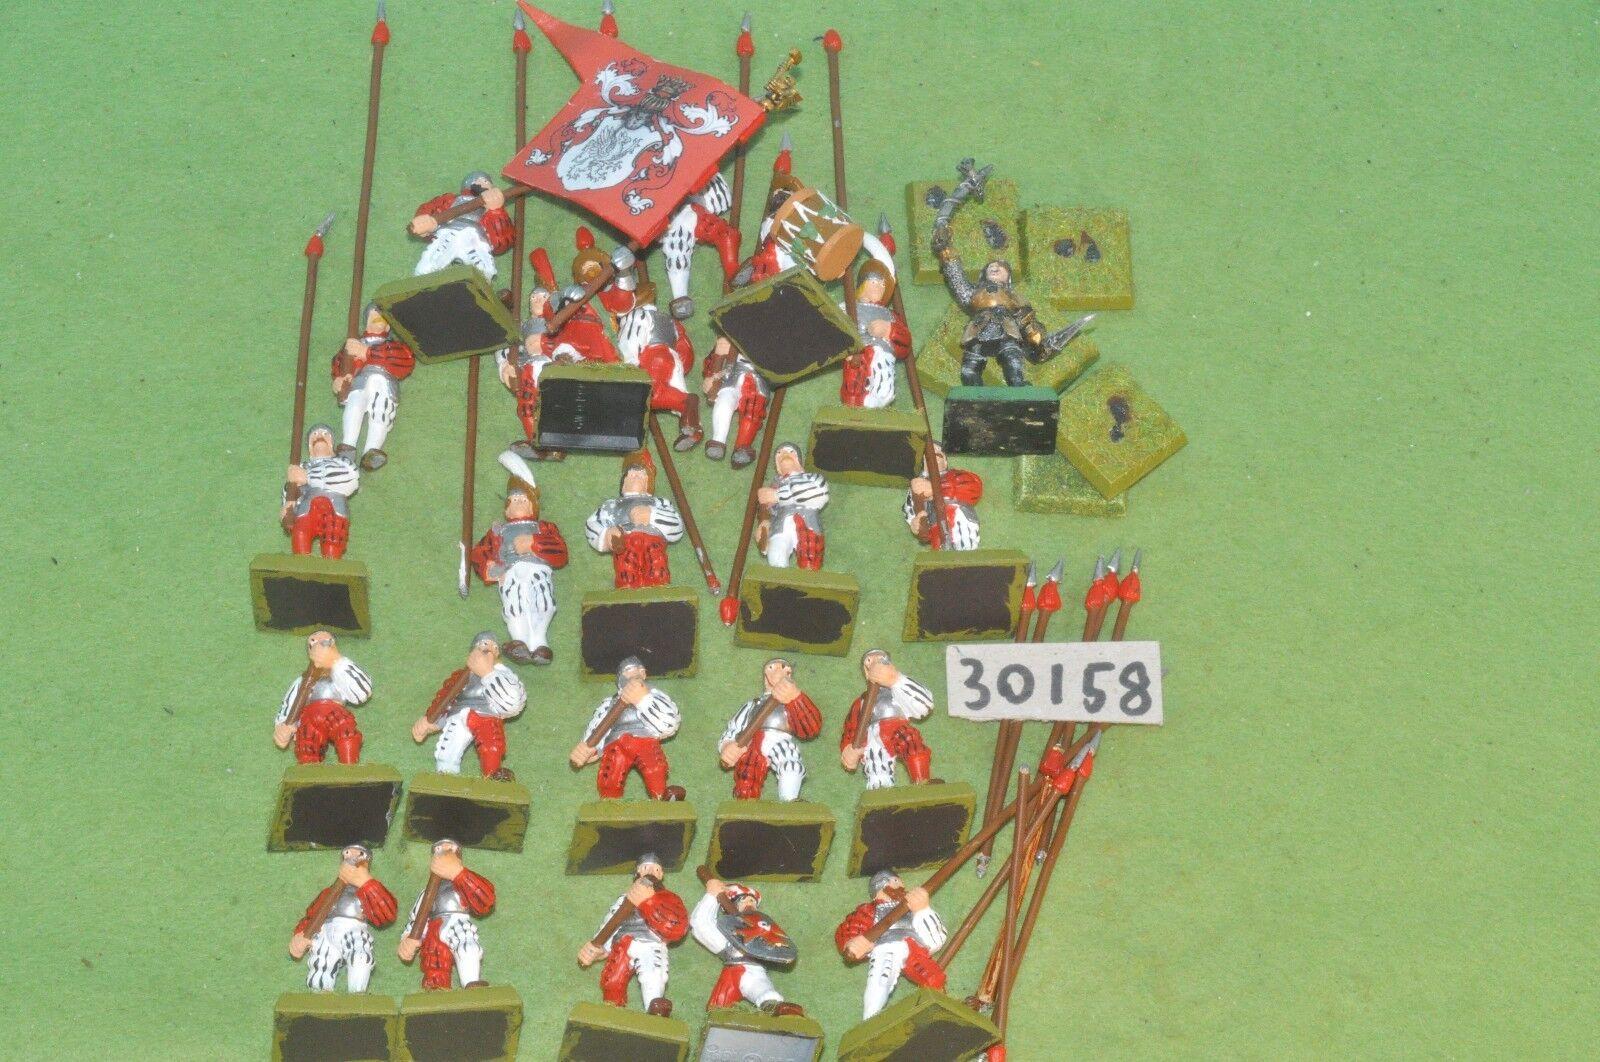 Empire spearmen pikemen 25 sigmar order fantasy (30158) warhammer